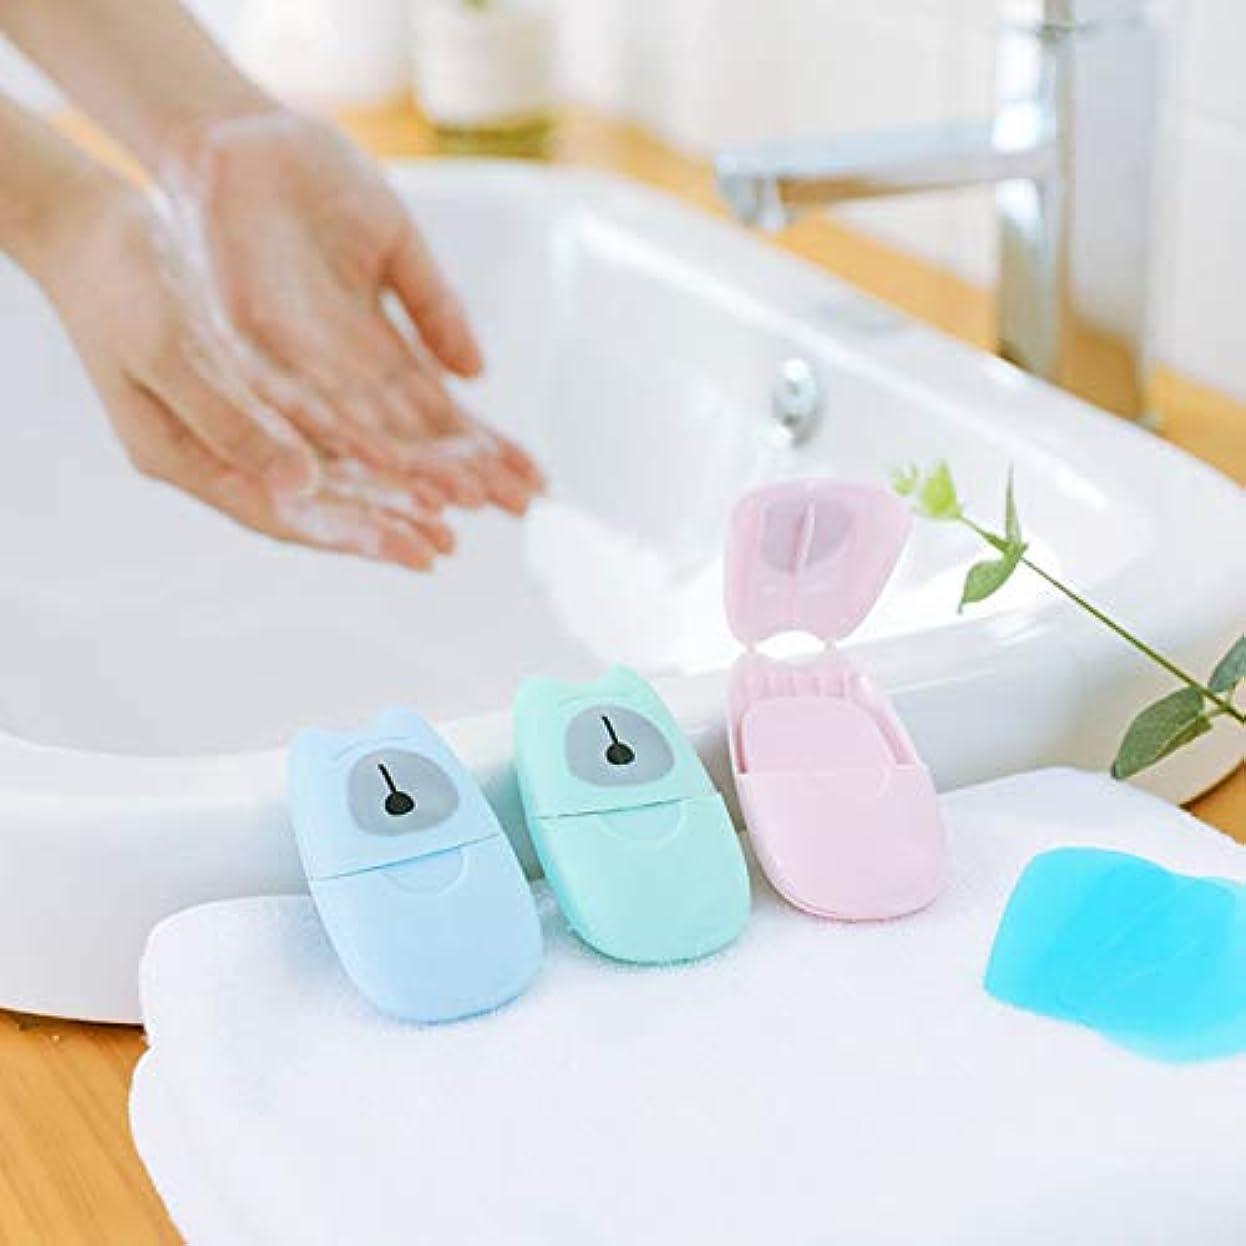 旅客簡略化するカール箱入り石鹸紙旅行ポータブル屋外手洗い石鹸の香りのスライスシート50ピースプラスチックボックス付きミニ石鹸紙(色:緑)